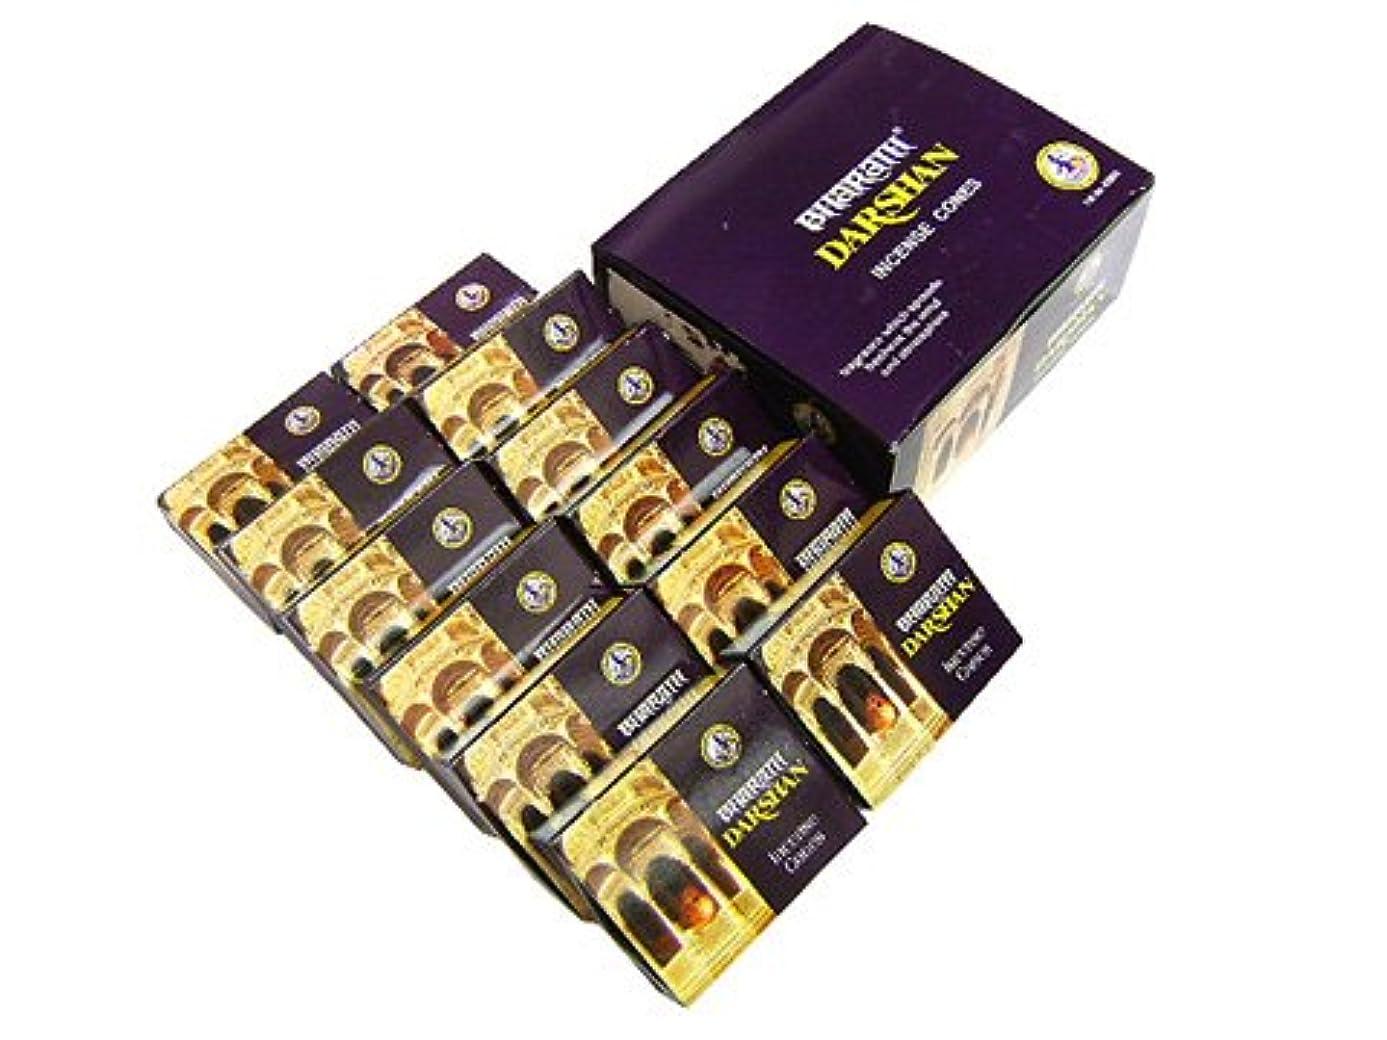 王族遺棄されたシードASOKA TRADING(アショーカ トレーディング) バハラットダルシャン香コーンタイプ TRADING BHARATH DARSHAN CORN 12箱セット